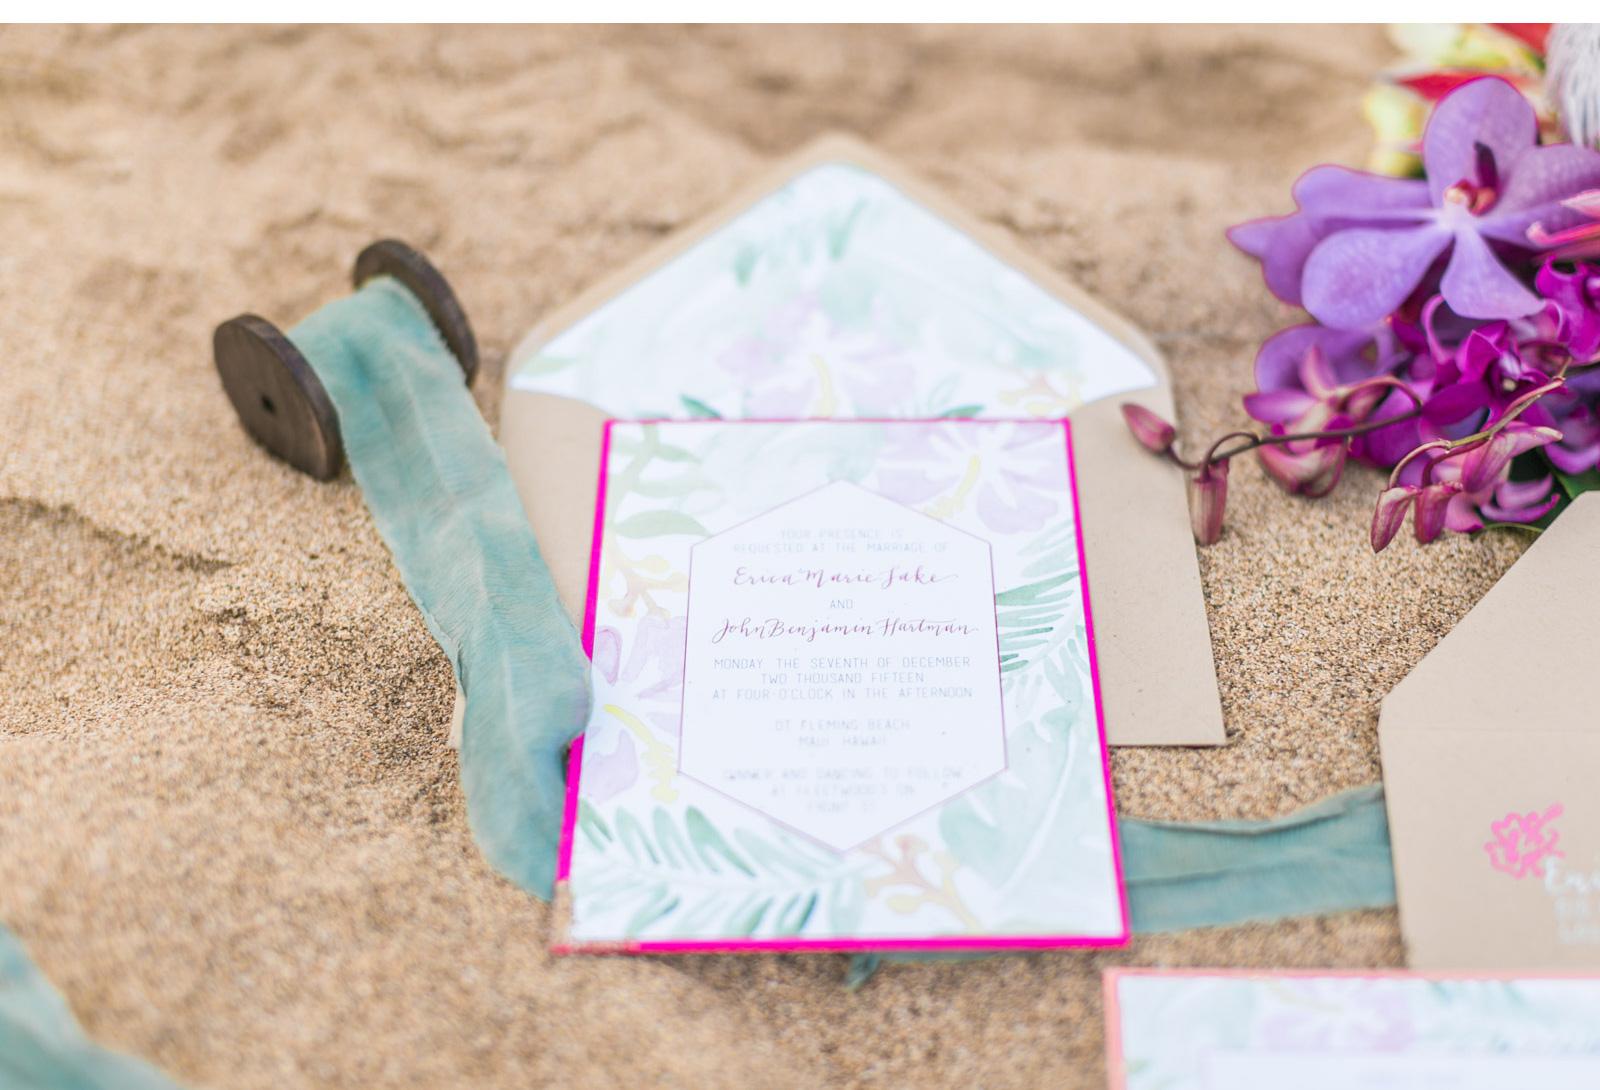 Natalie-Schutt-Photography---Green-Wedding-Shoes-Destination-Wedding_02.jpg